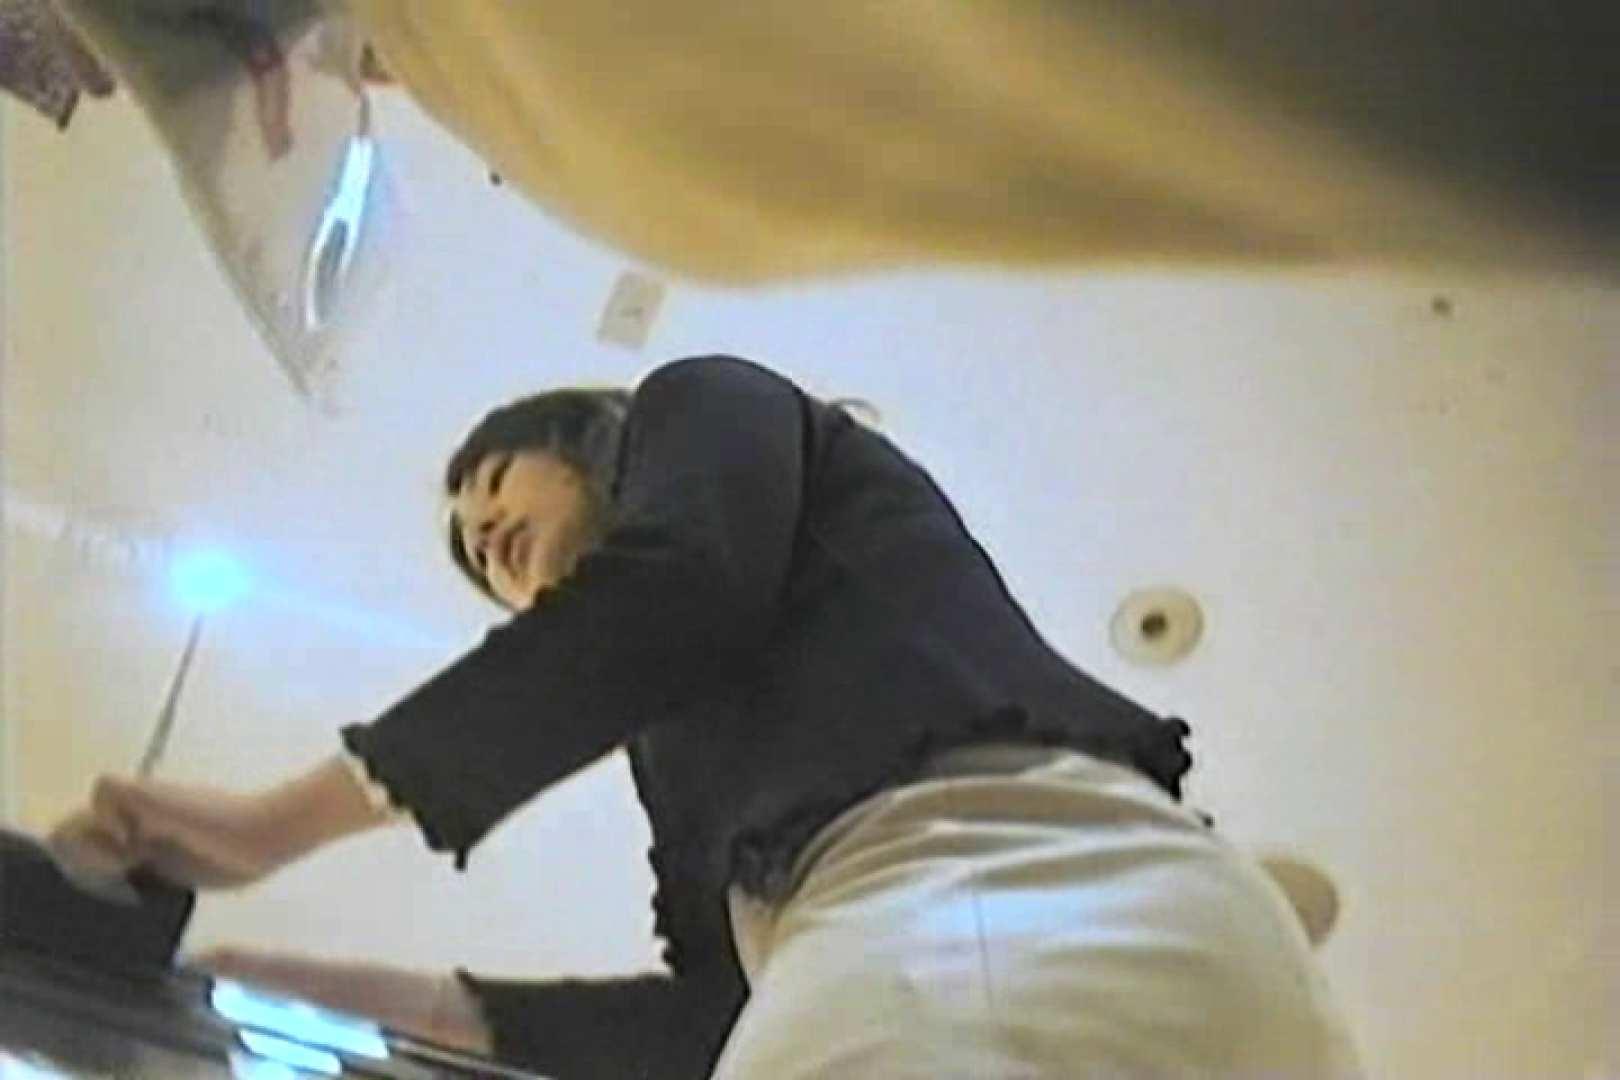 デパートローアングル徘徊 靴カメ盗撮Vol.2 フリーハンド | 盗撮  73pic 22